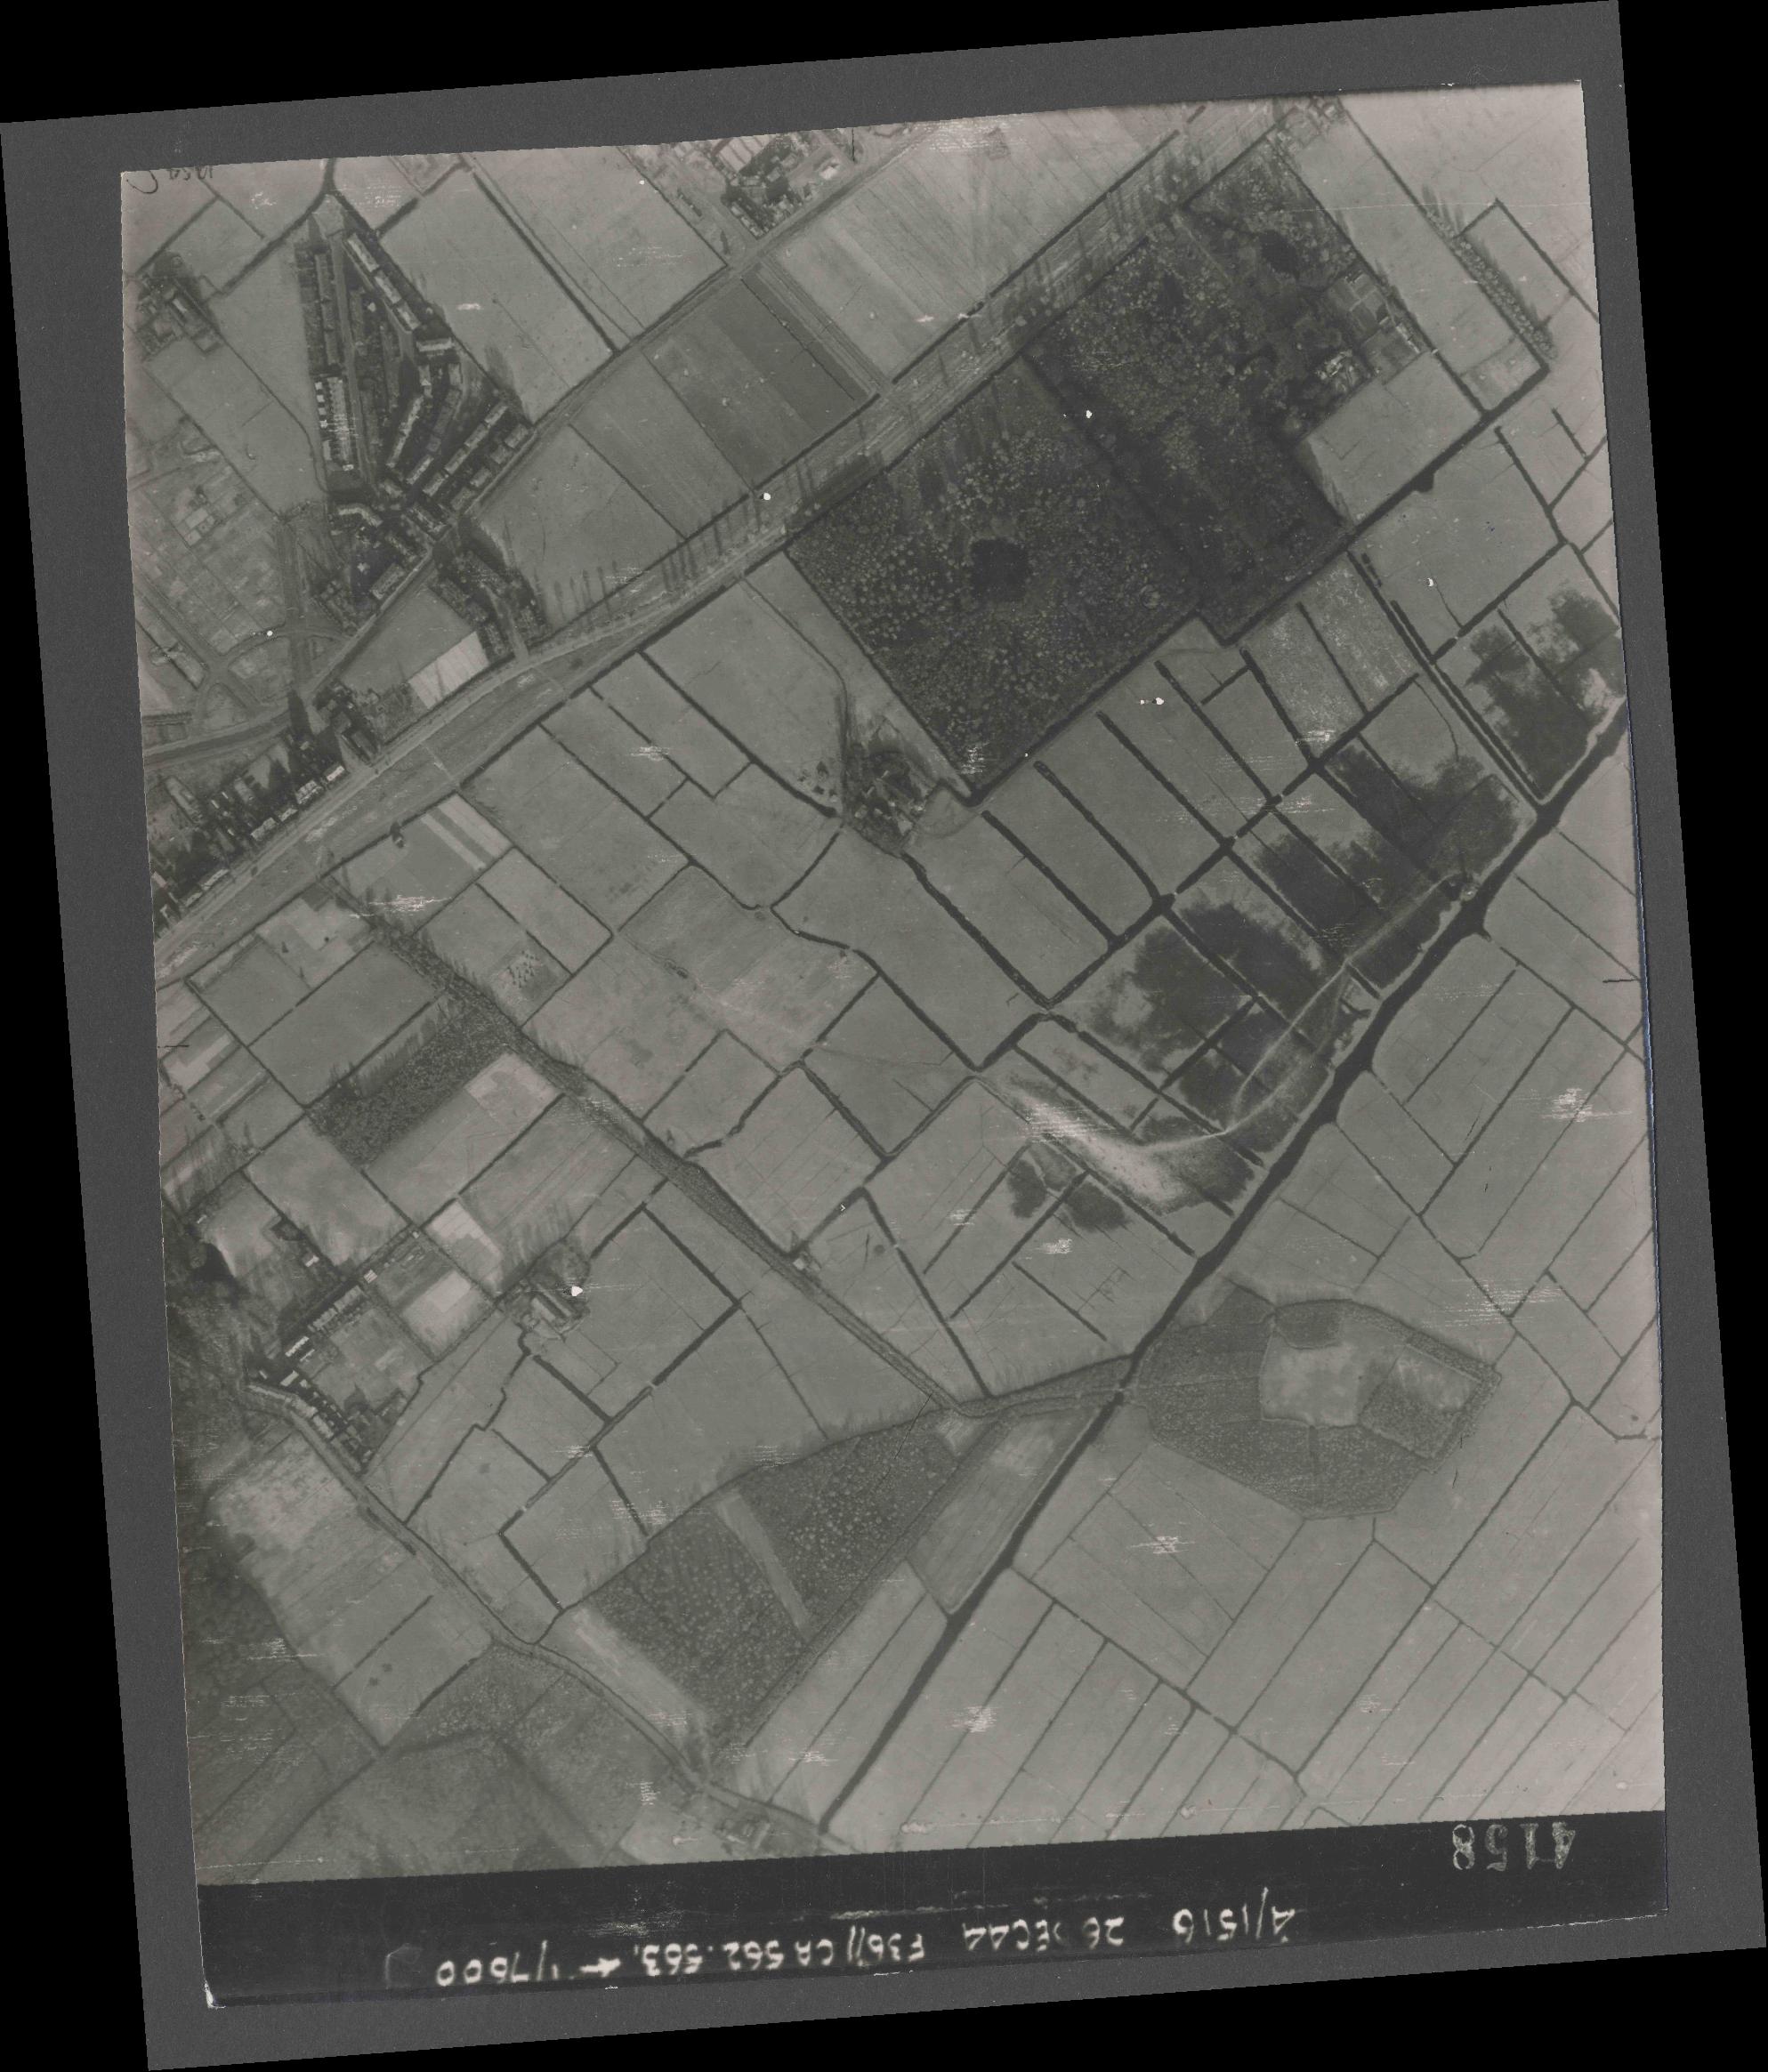 Collection RAF aerial photos 1940-1945 - flight 152, run 06, photo 4158